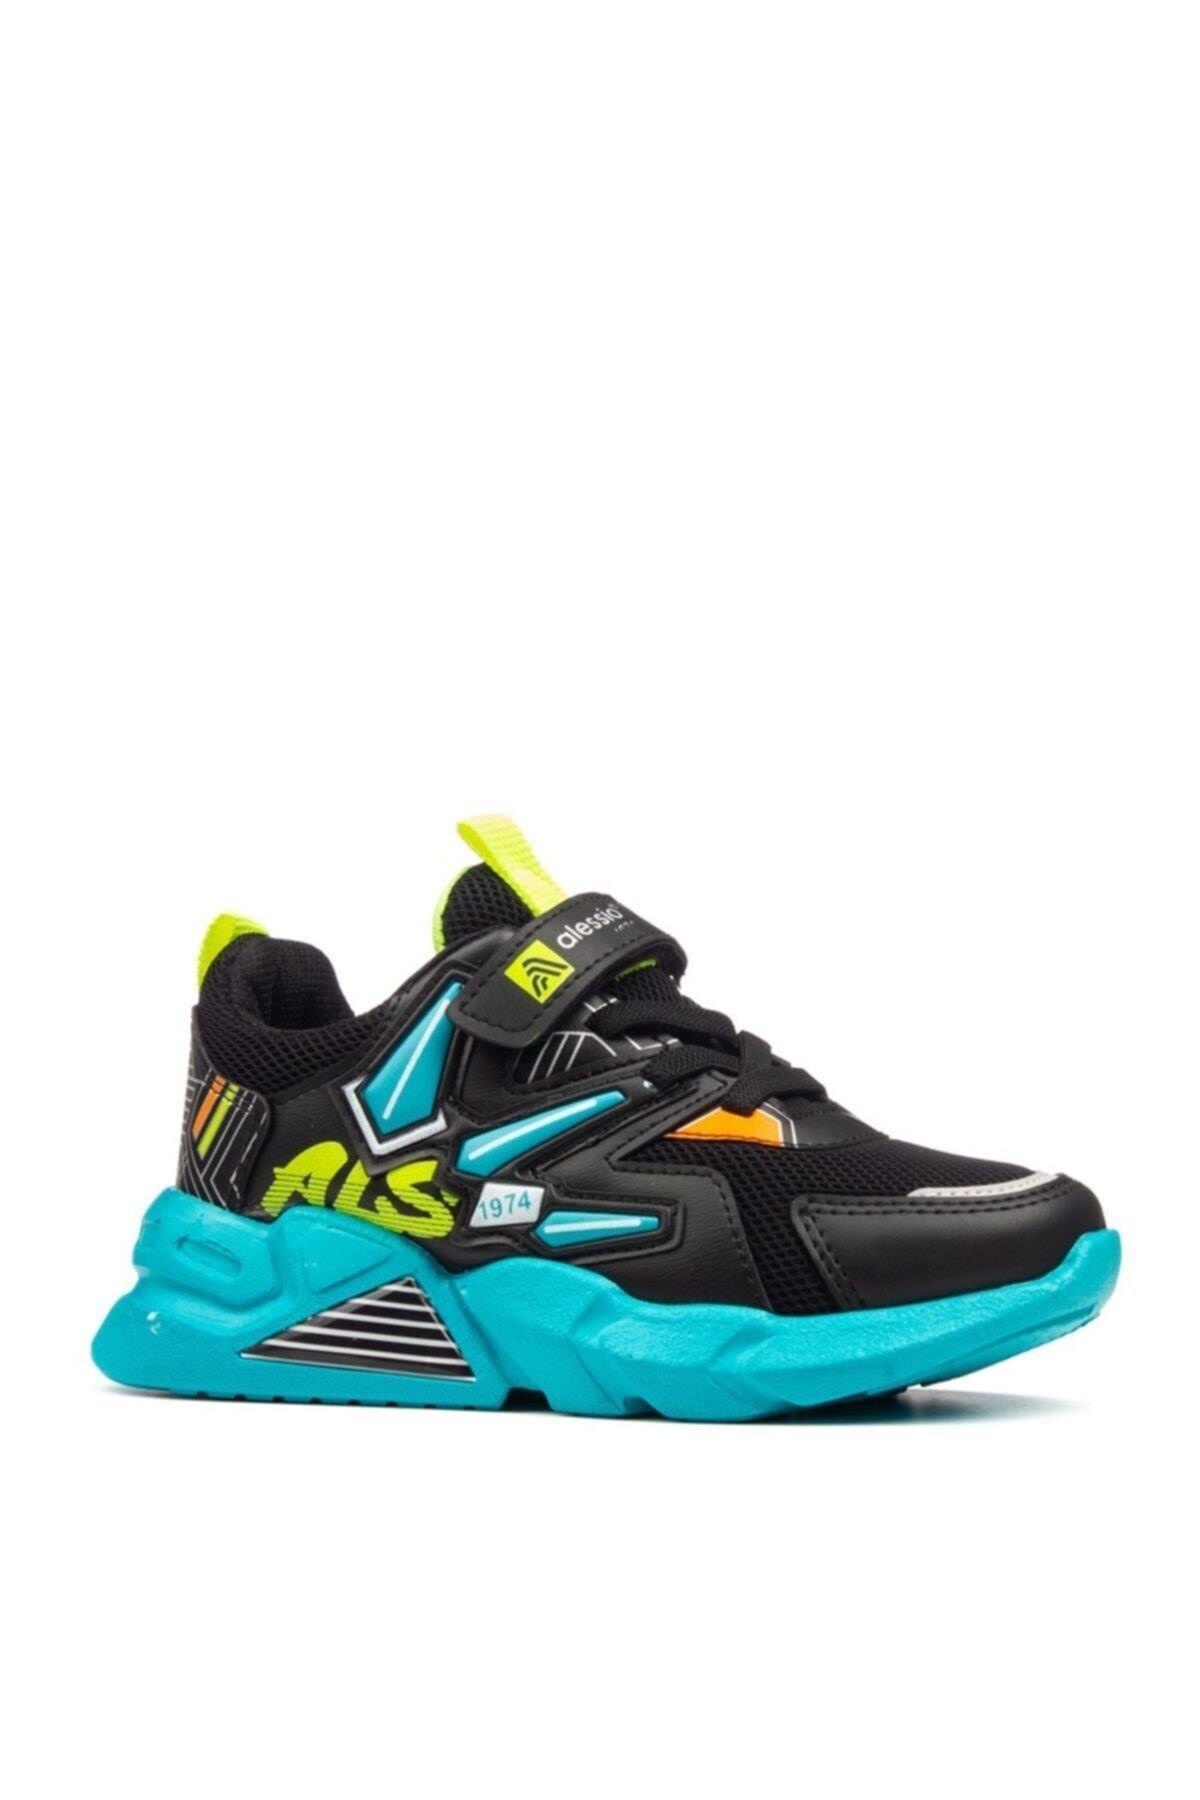 Unisex Çocuk Siyah Turkuaz Spor Ayakkabı